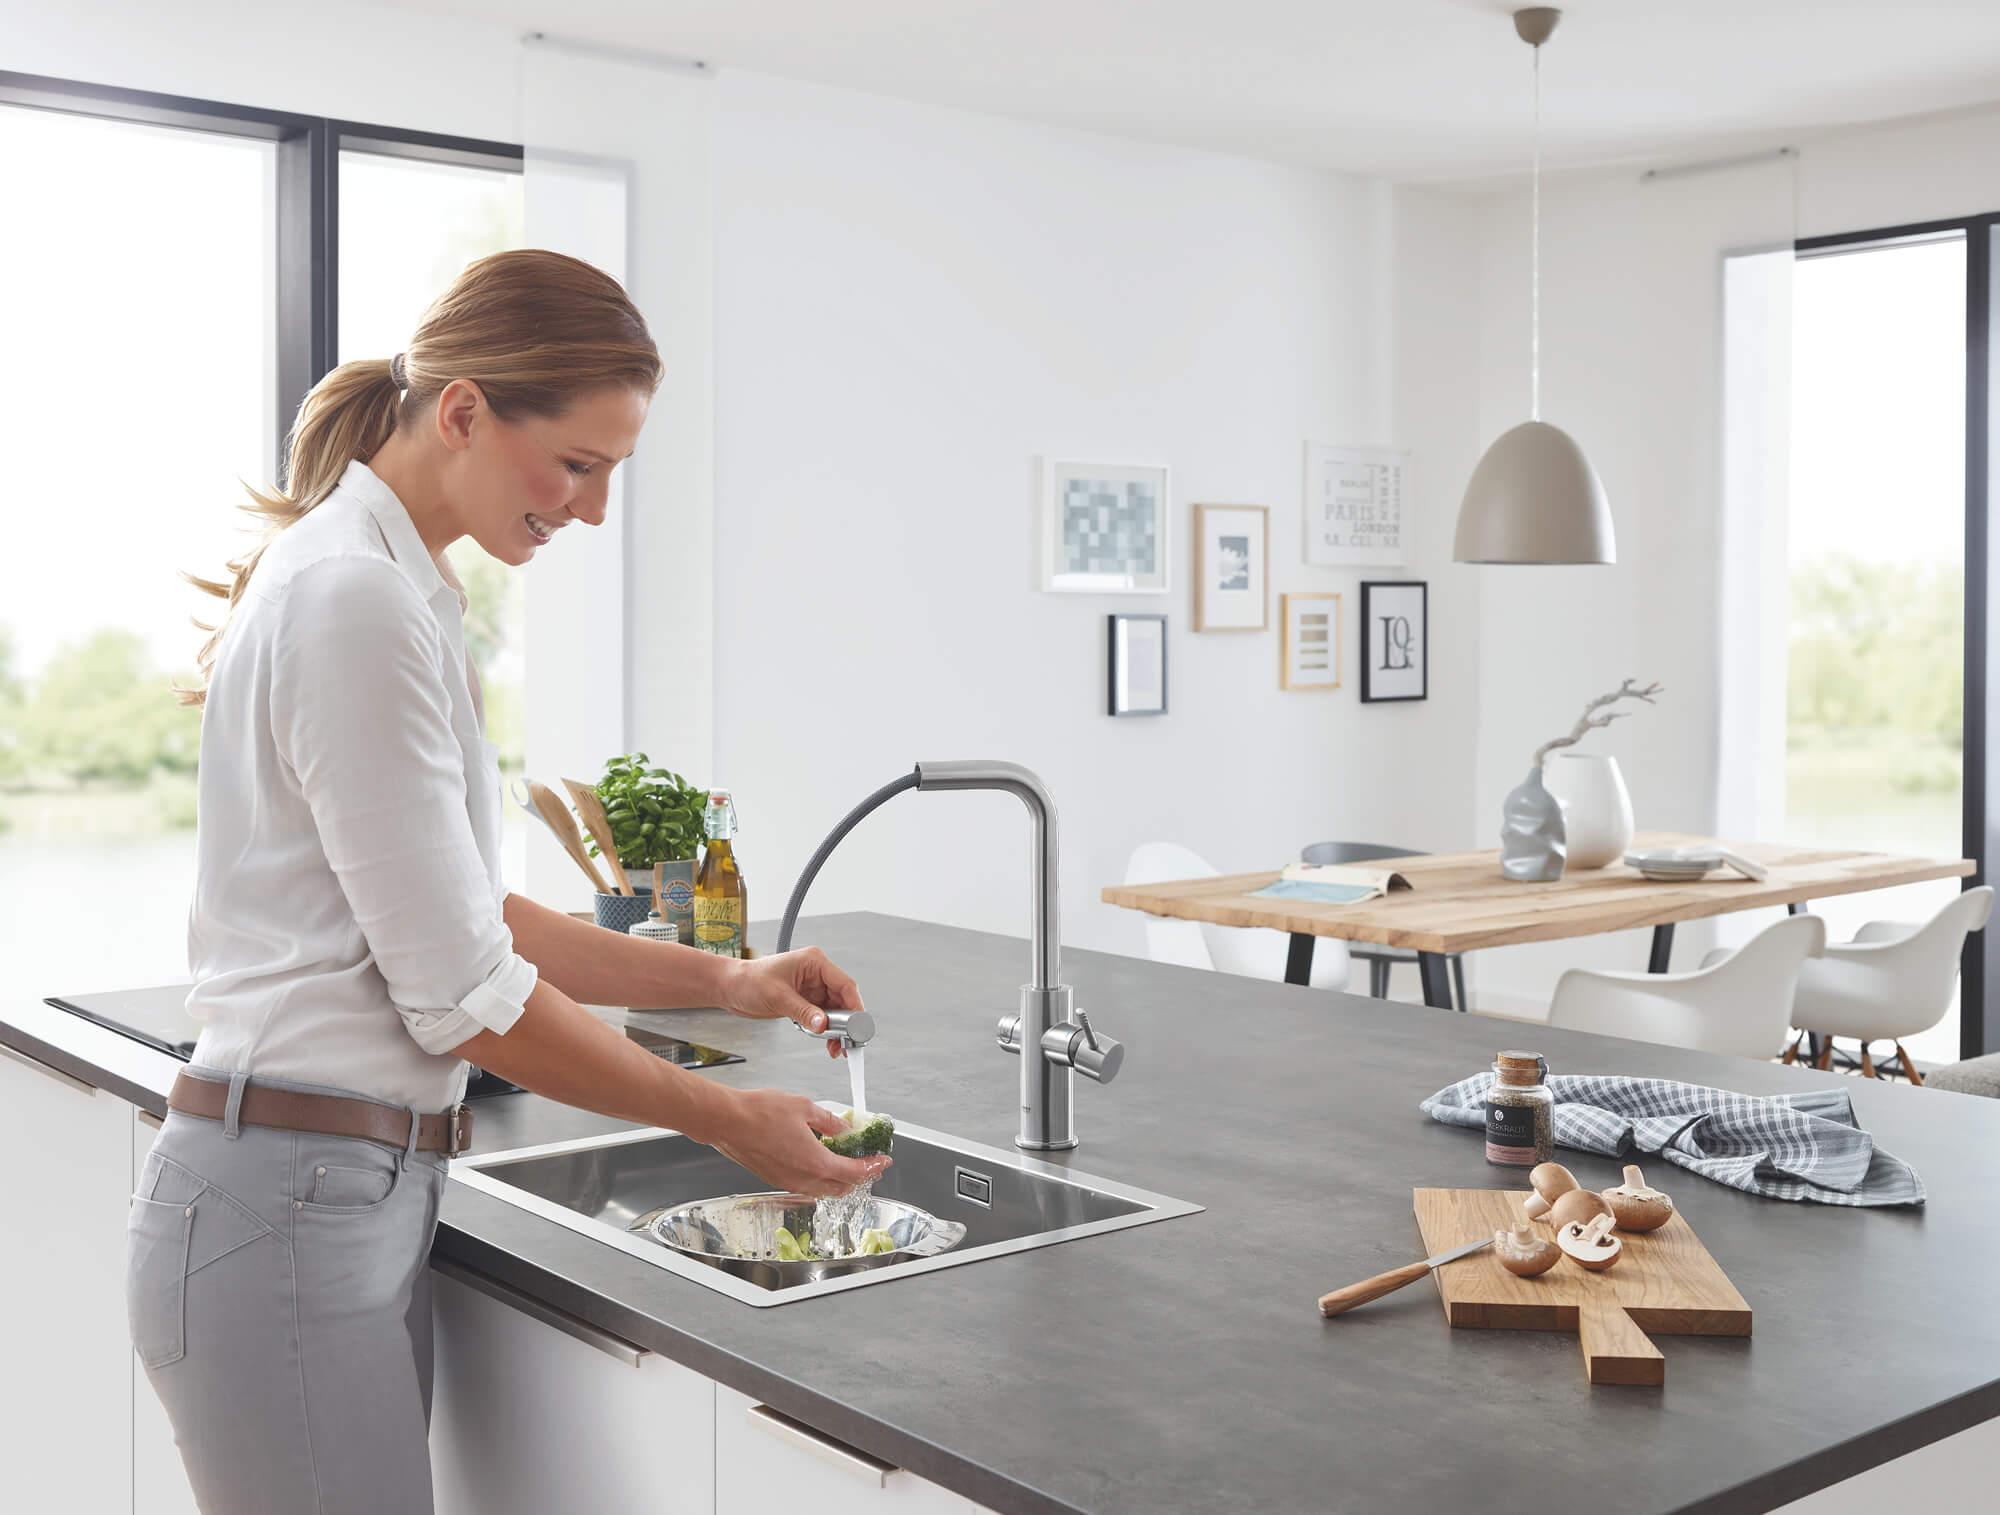 Acqua in cucina 10 aspetti da conoscere per gestire al meglio l'oro blu